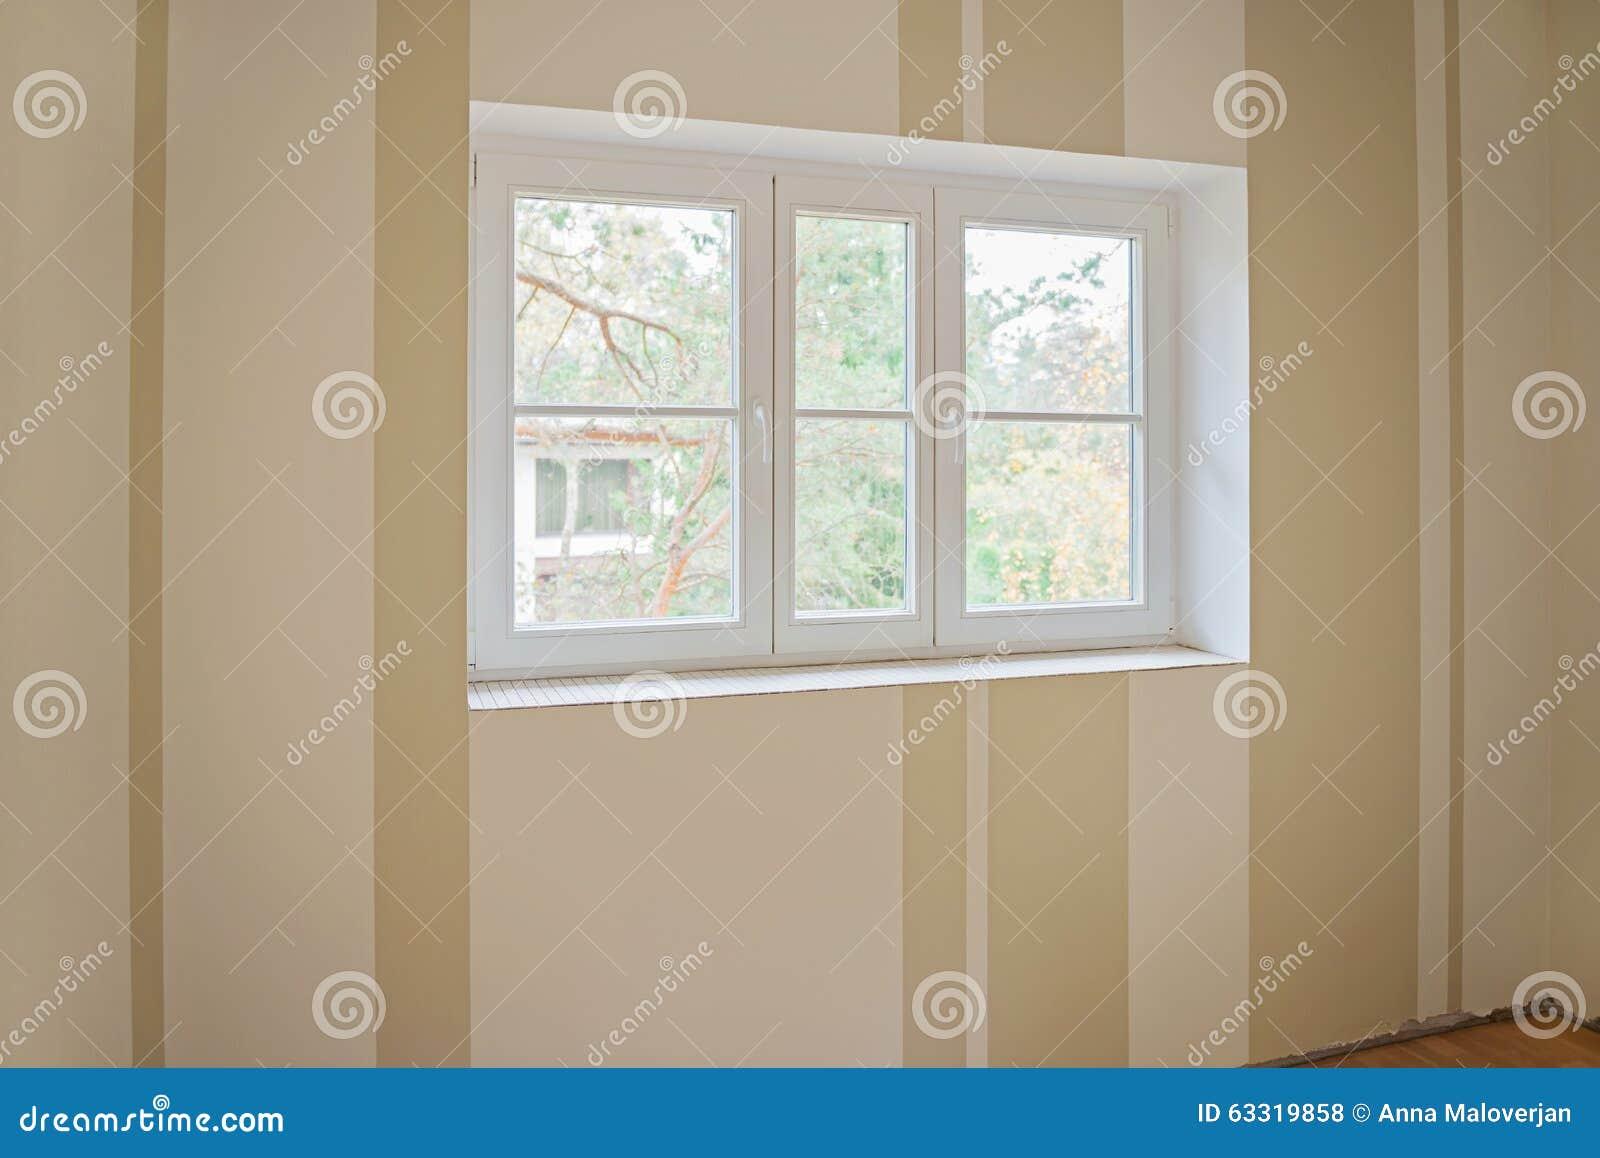 Pareti A Strisce Bianco E Nero : Pareti a strisce fondo astratto di con le pareti a strisce with